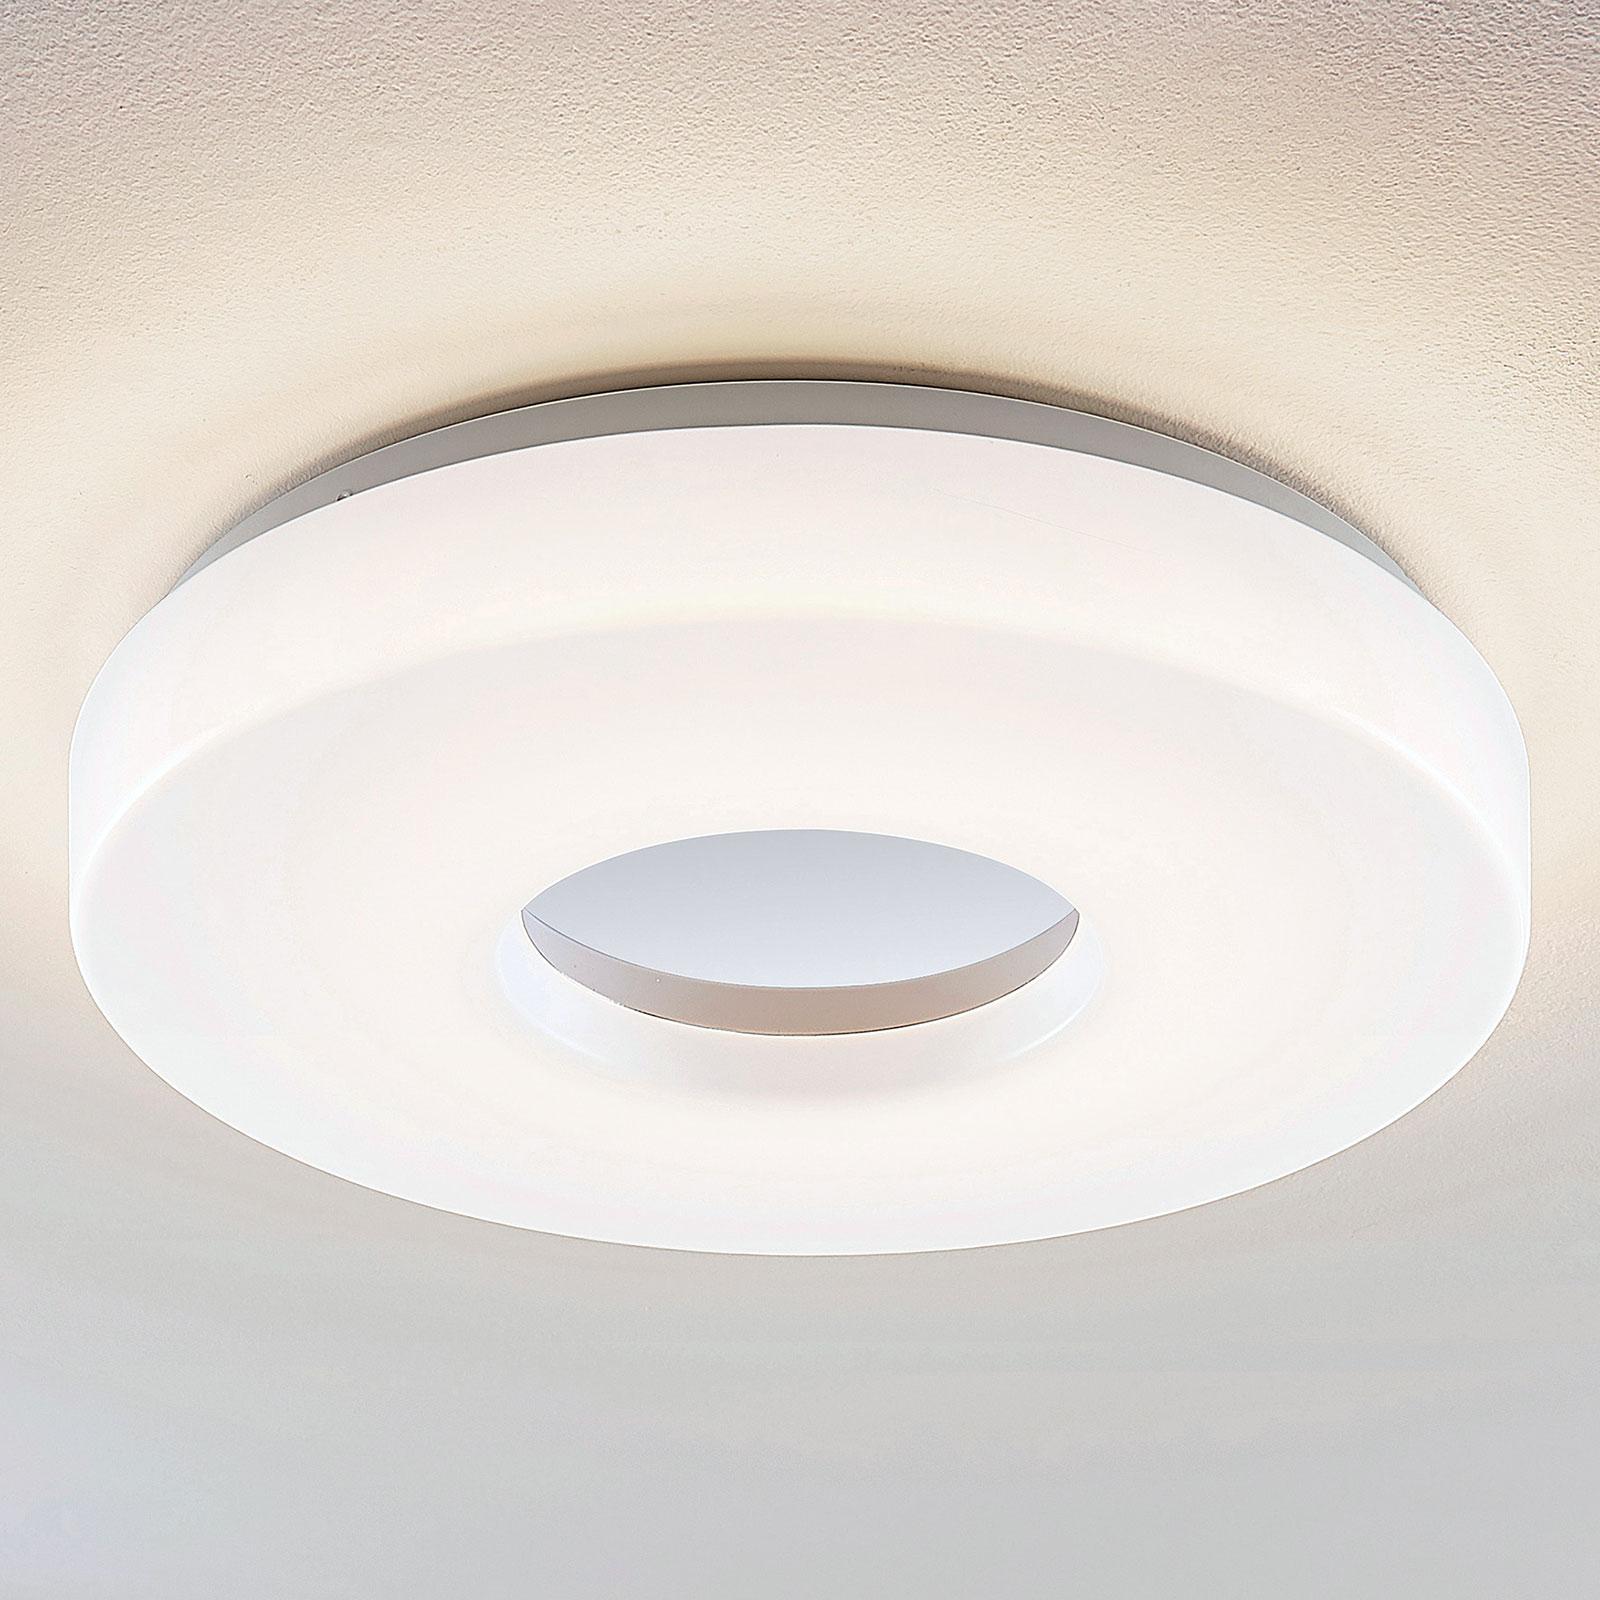 Lindby Florentina LED-kattolamppu, rengas, 41 cm